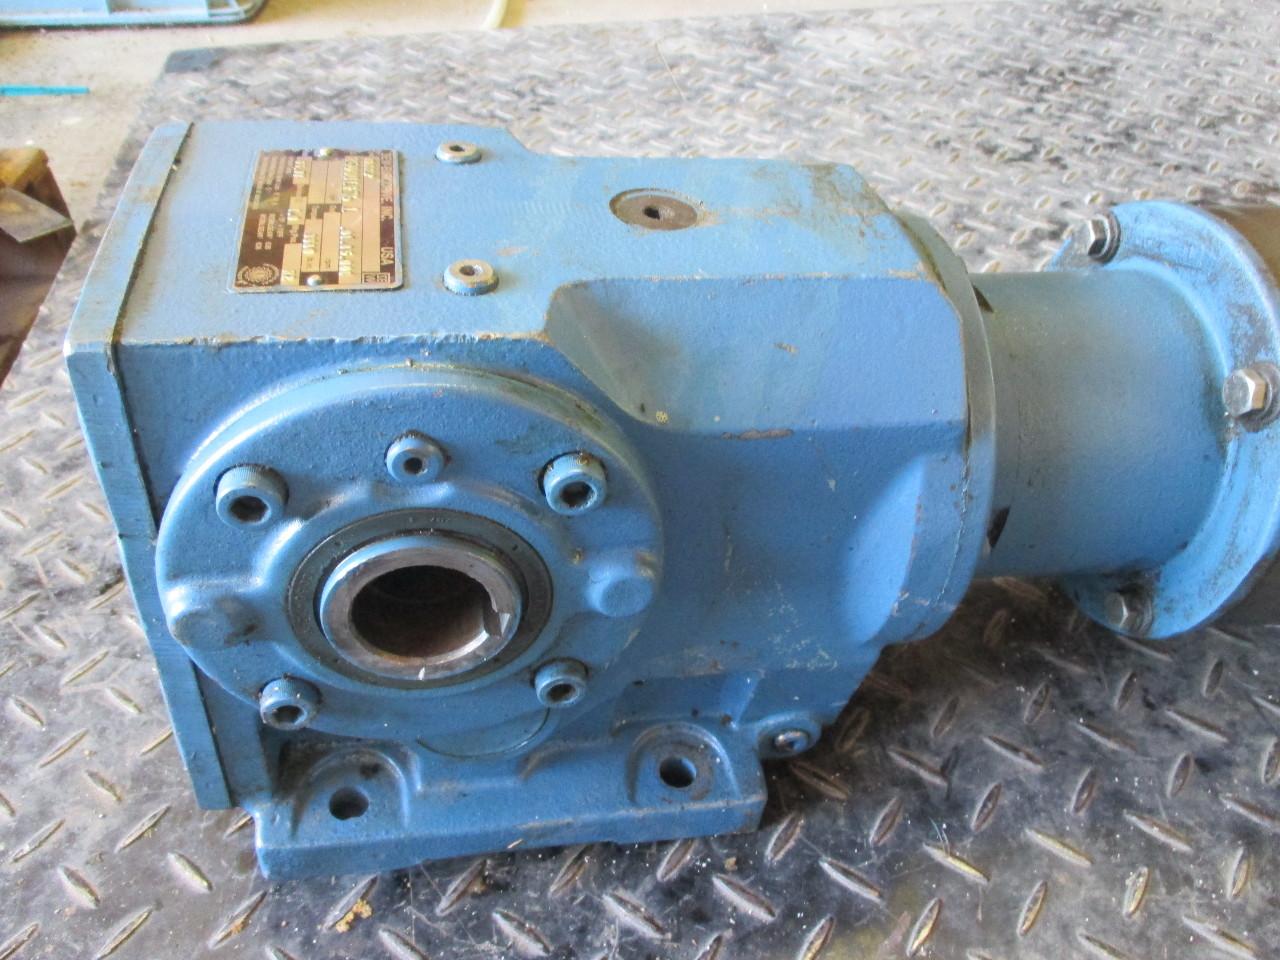 Baldor Ac Motor Vm3554 1 5hp Sew Eurodrive Ka66lp Speed